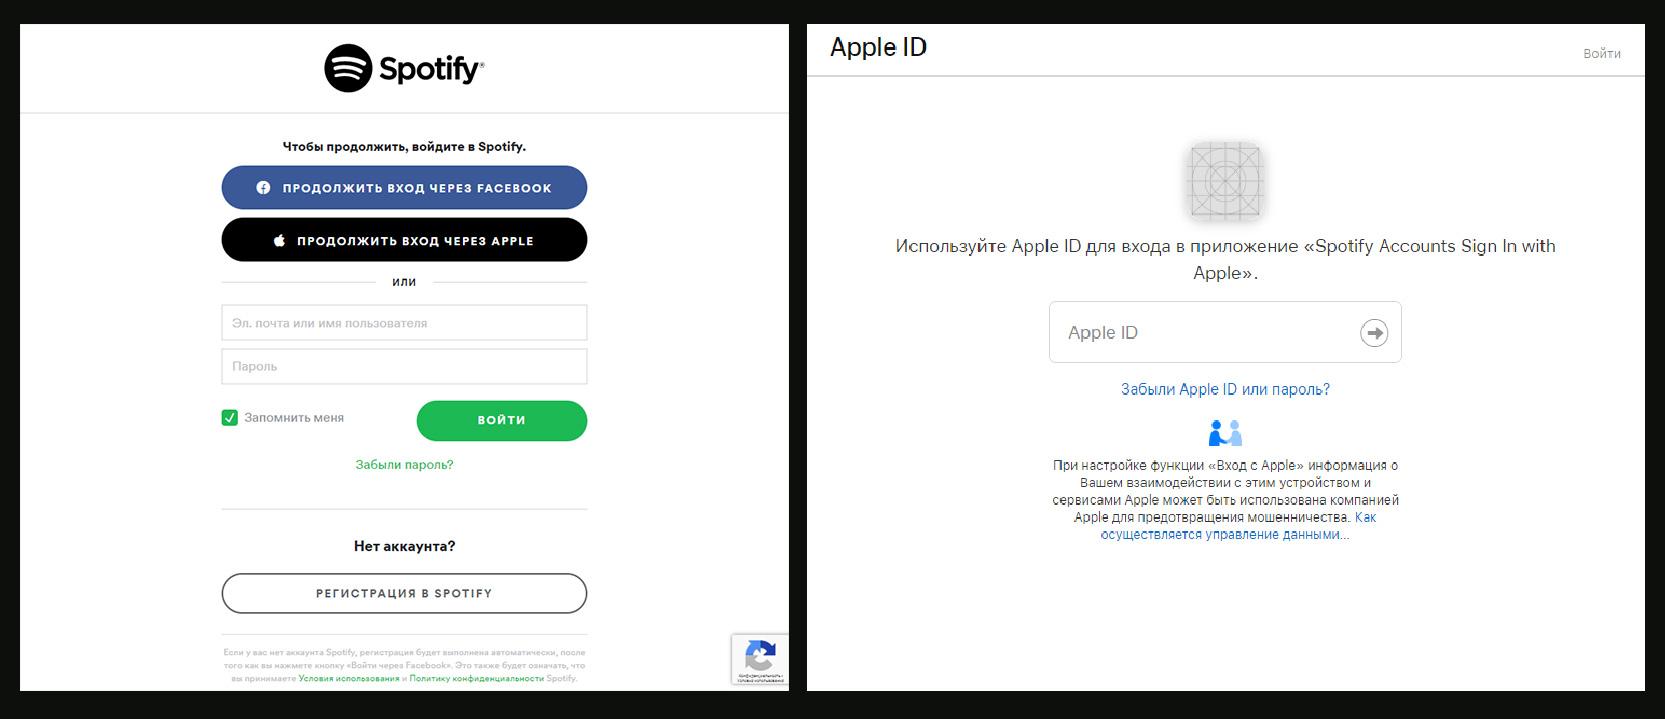 Как войти в даркнет через айфон hyrda скачать тор браузер бесплатно на русском языке для windows 8 hydra